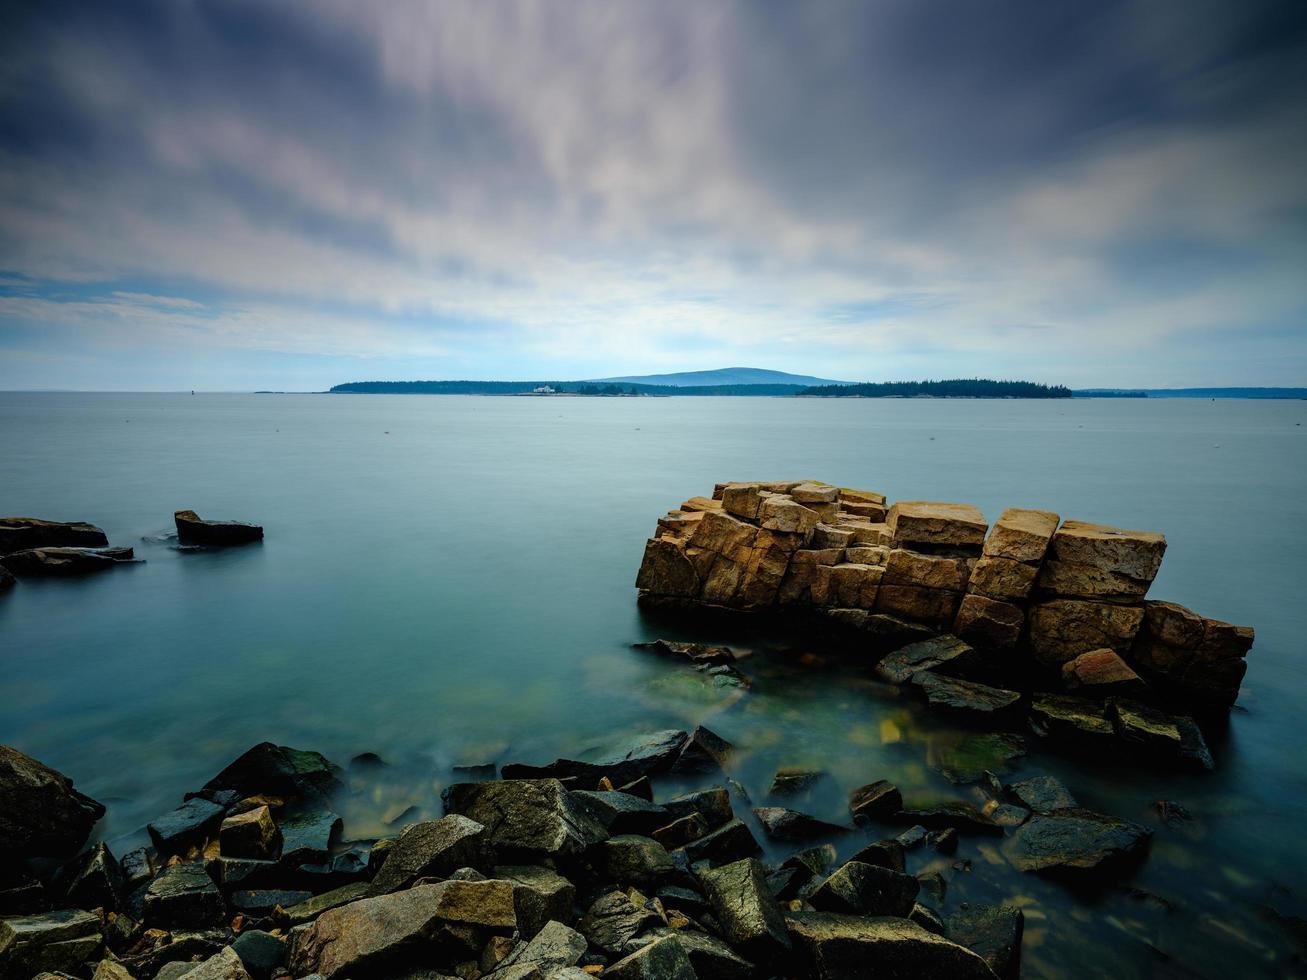 lunga esposizione di una vista sull'oceano foto